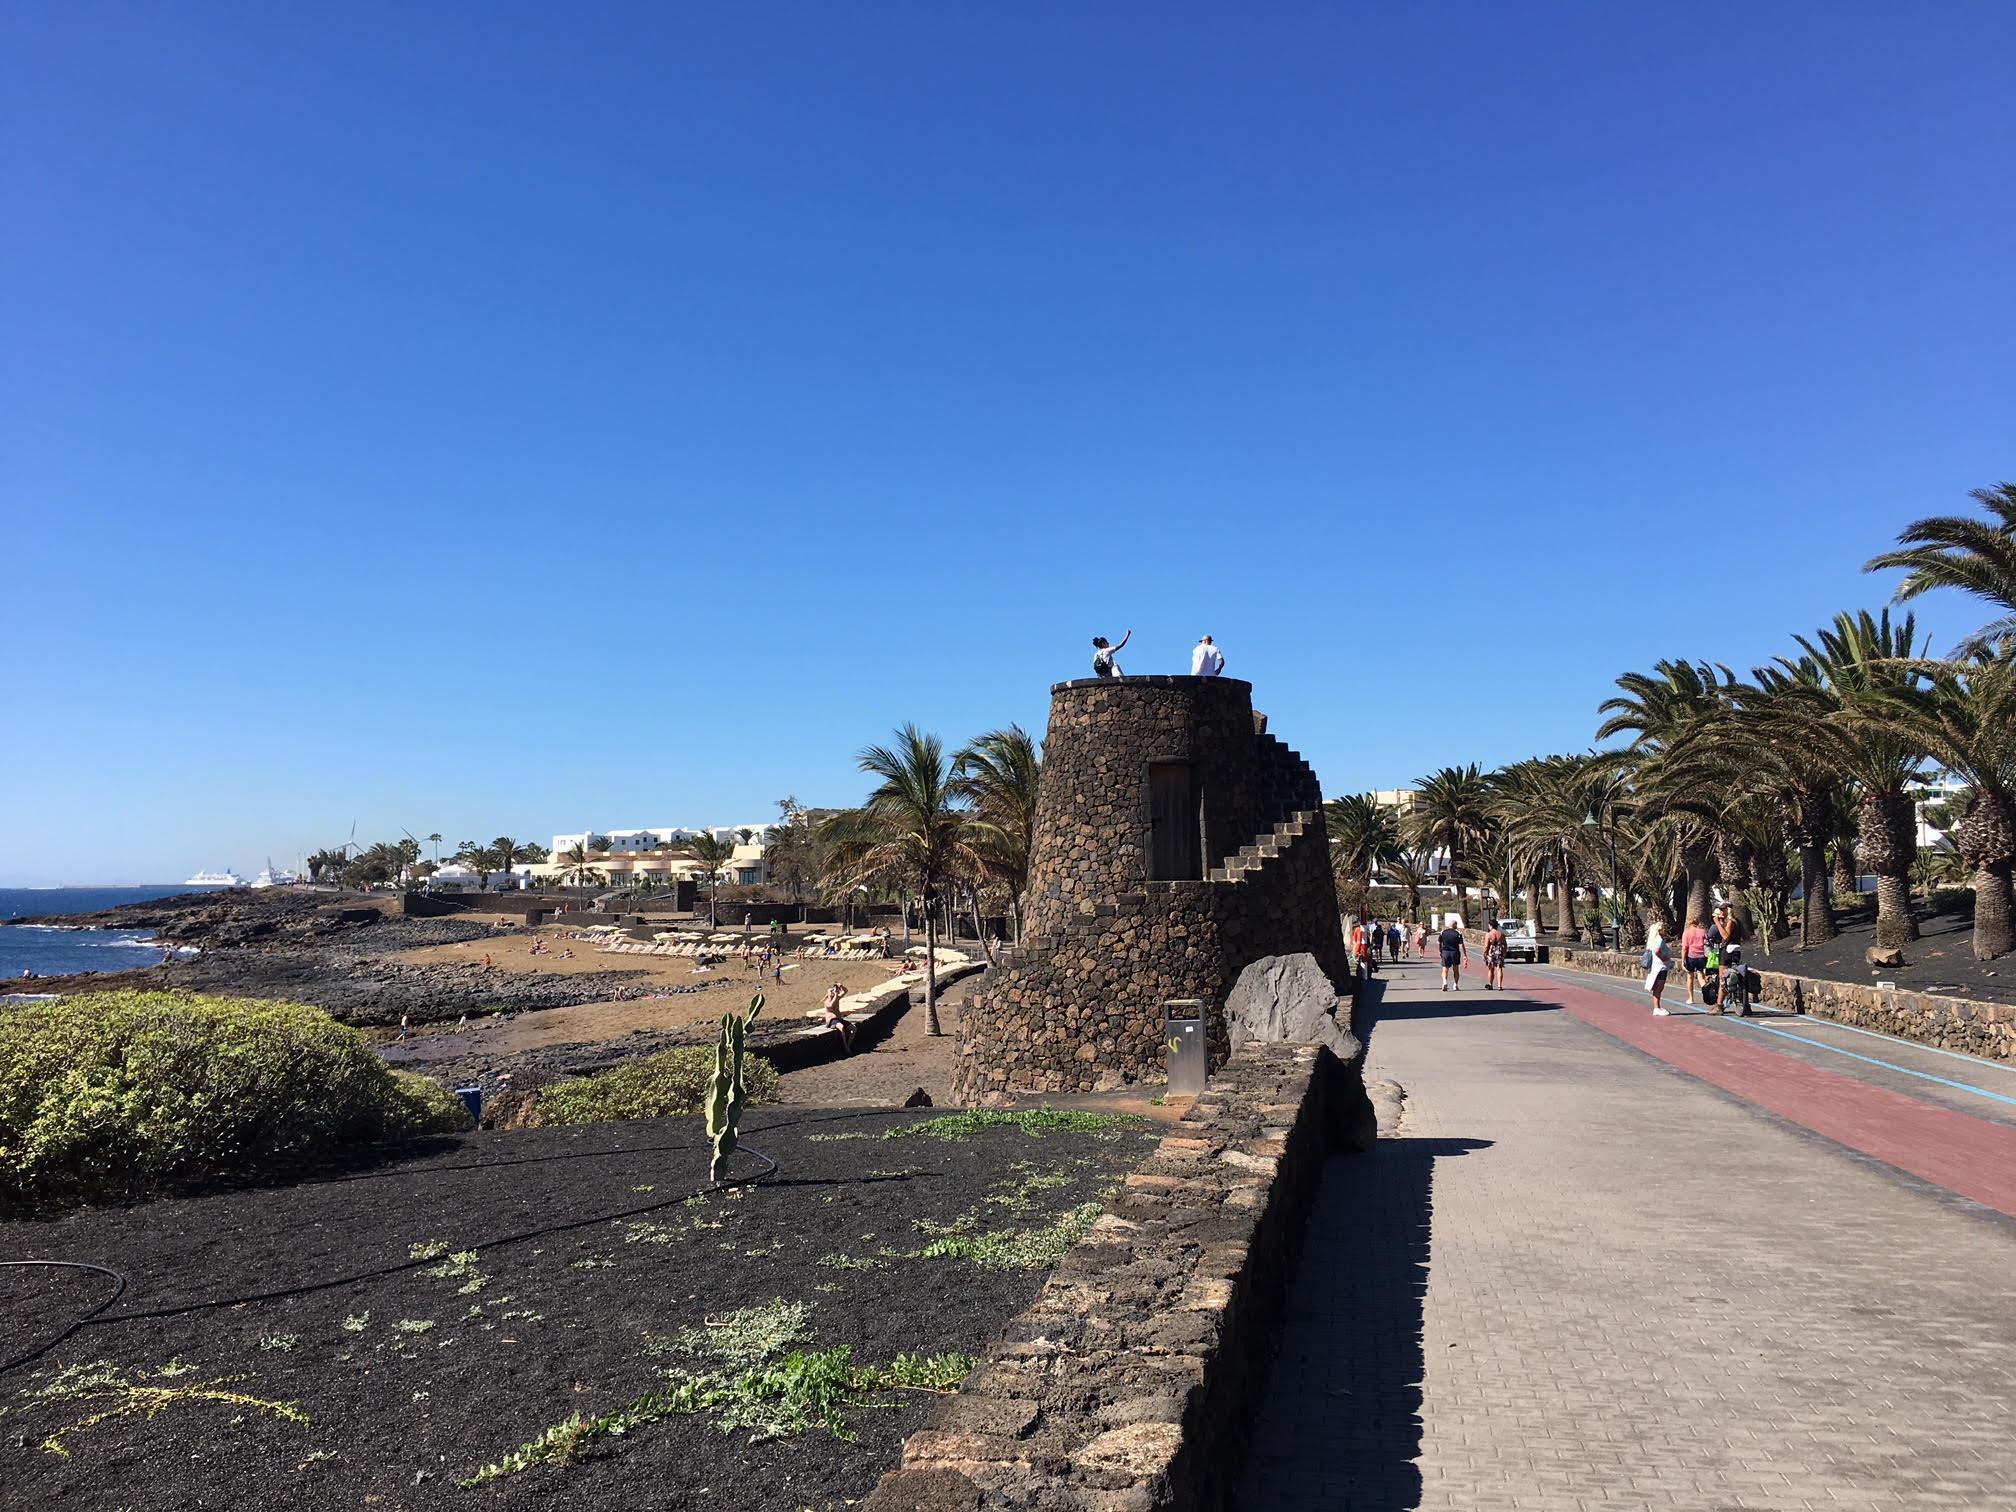 LVC215921 Playa Bastian Beach and promenade